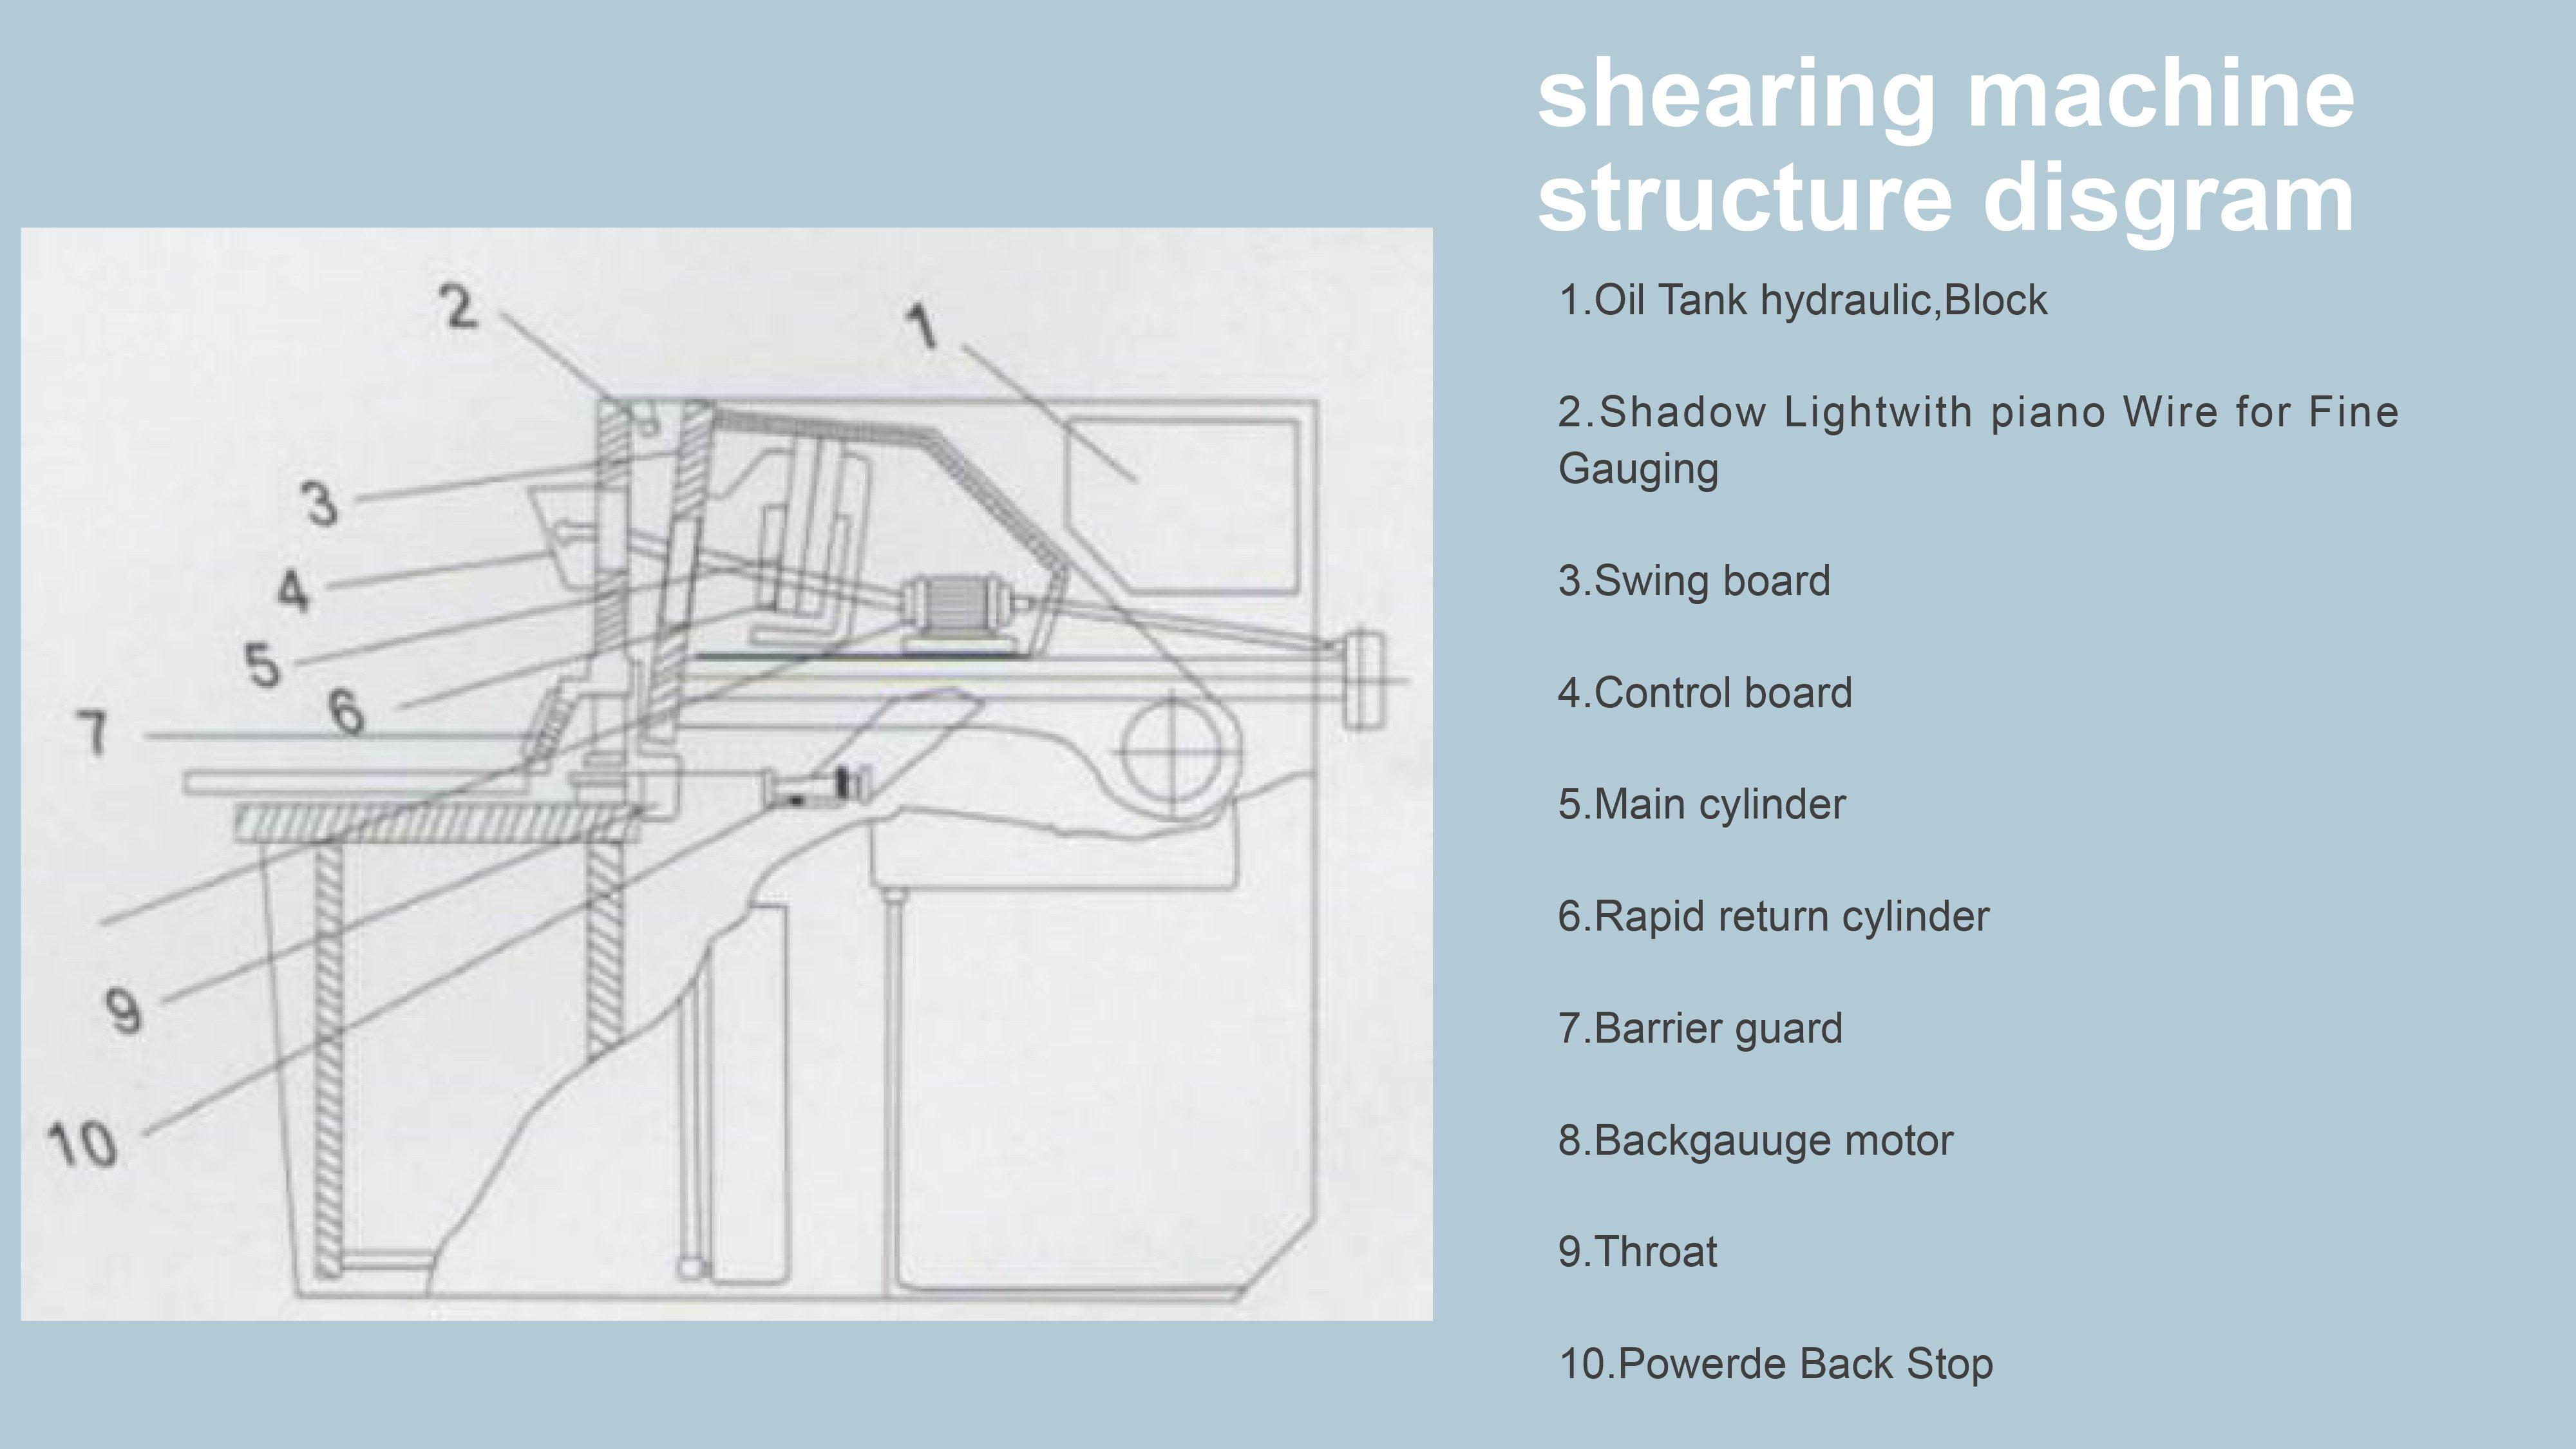 QC12Y 4X2500 Hydraulic Swing Beam Shearing Machine - Buy Product on ...